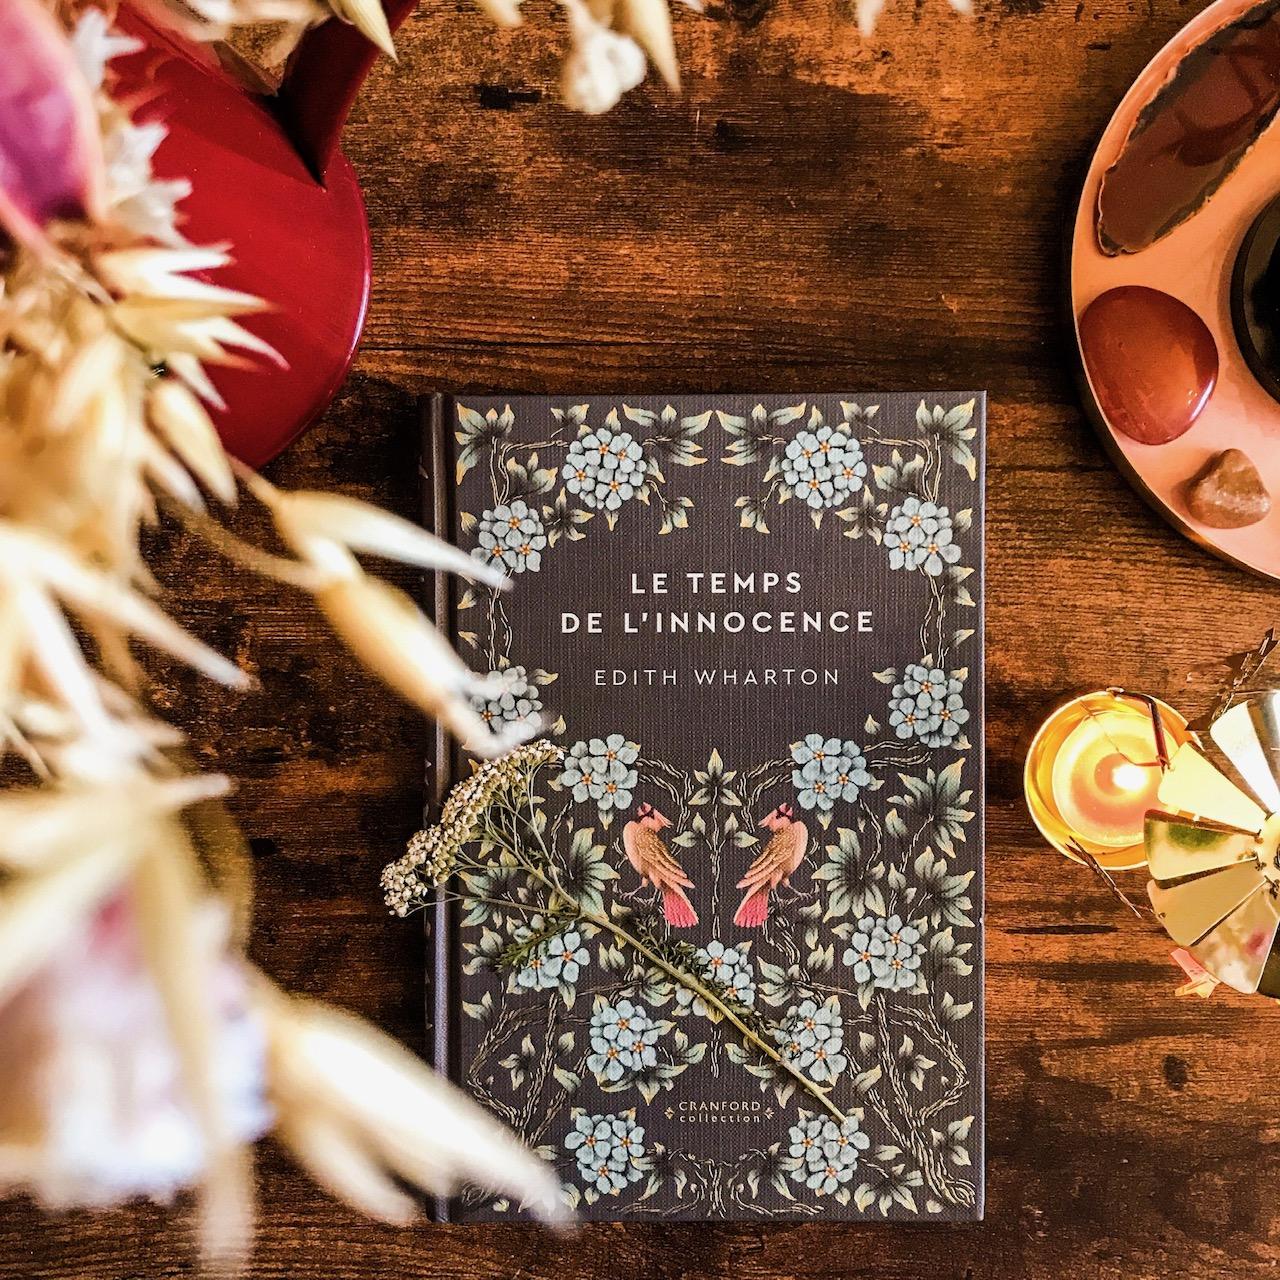 Le temps de l'innocence, d'Edith Wharton : raison et sentiments